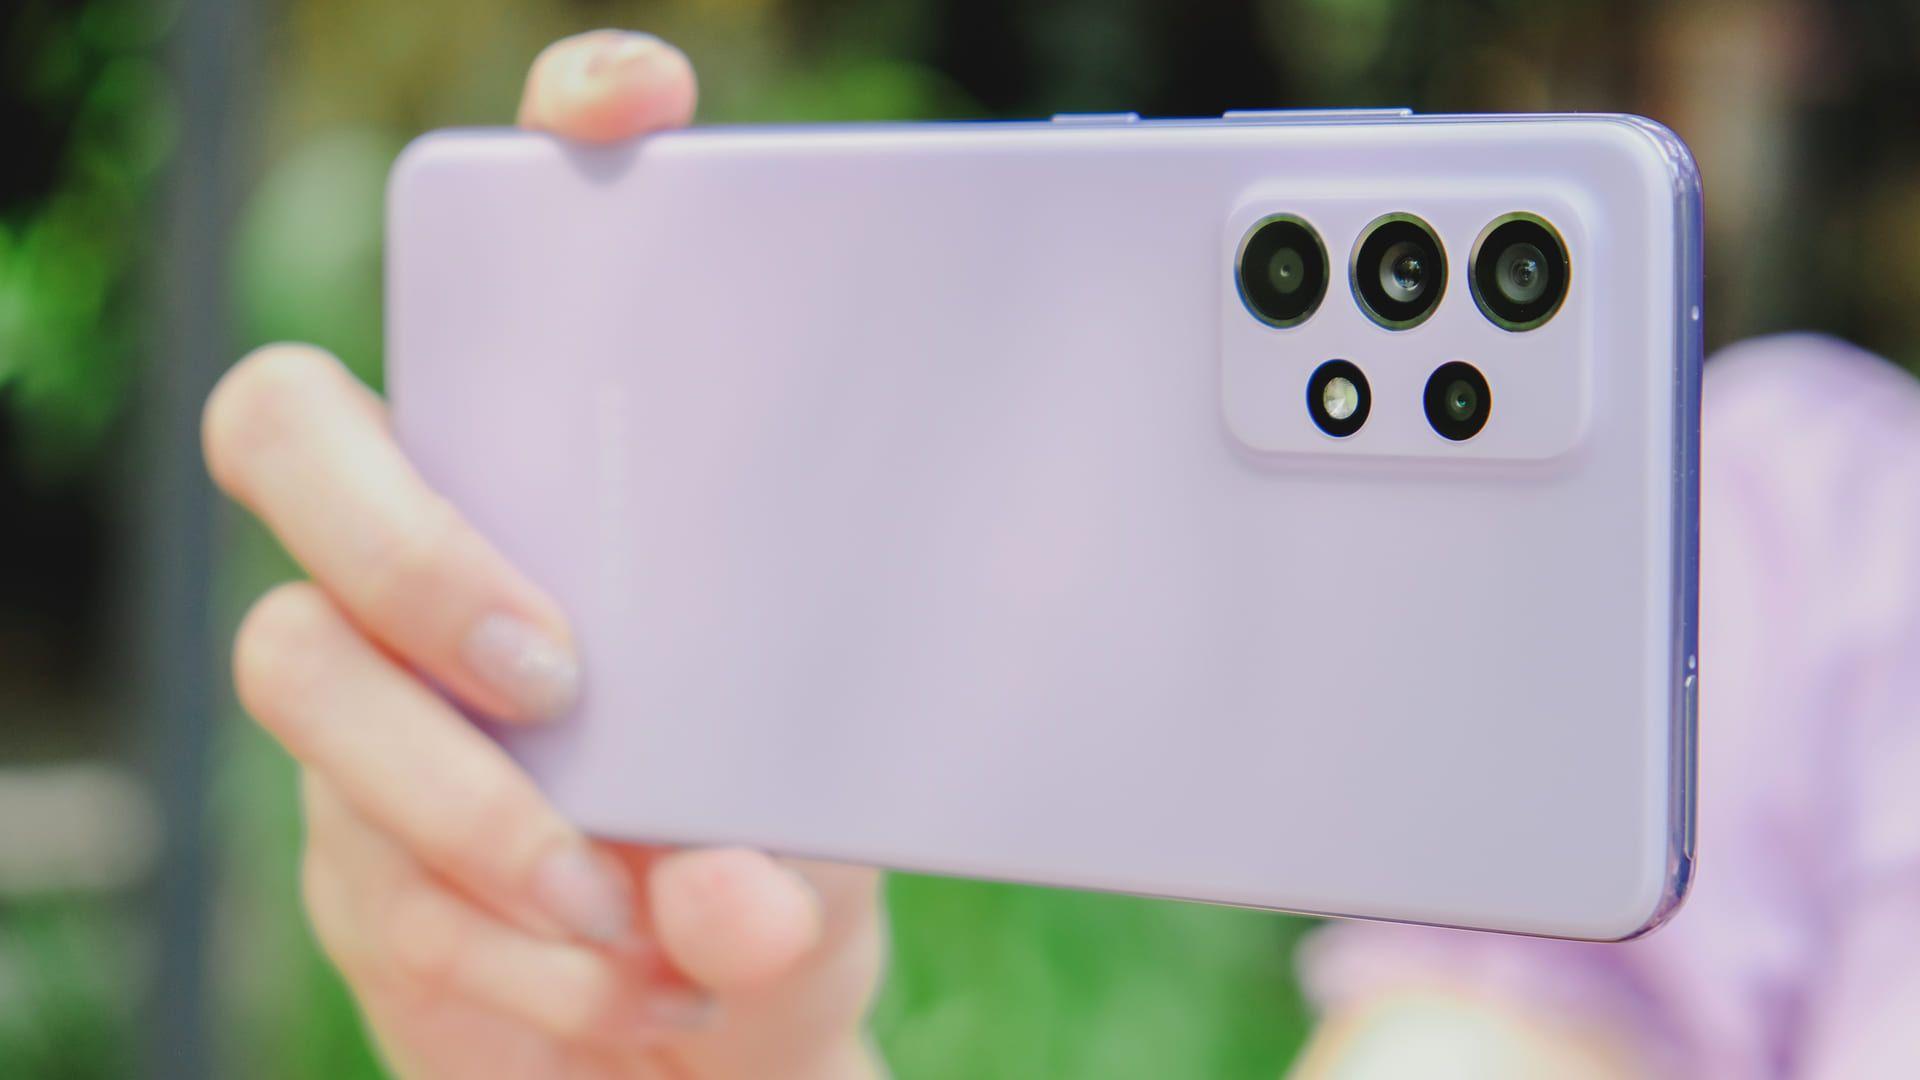 Imagem mostra mão exibindo parte traseira do A52 5G, com seu conjunto quádruplo de câmeras